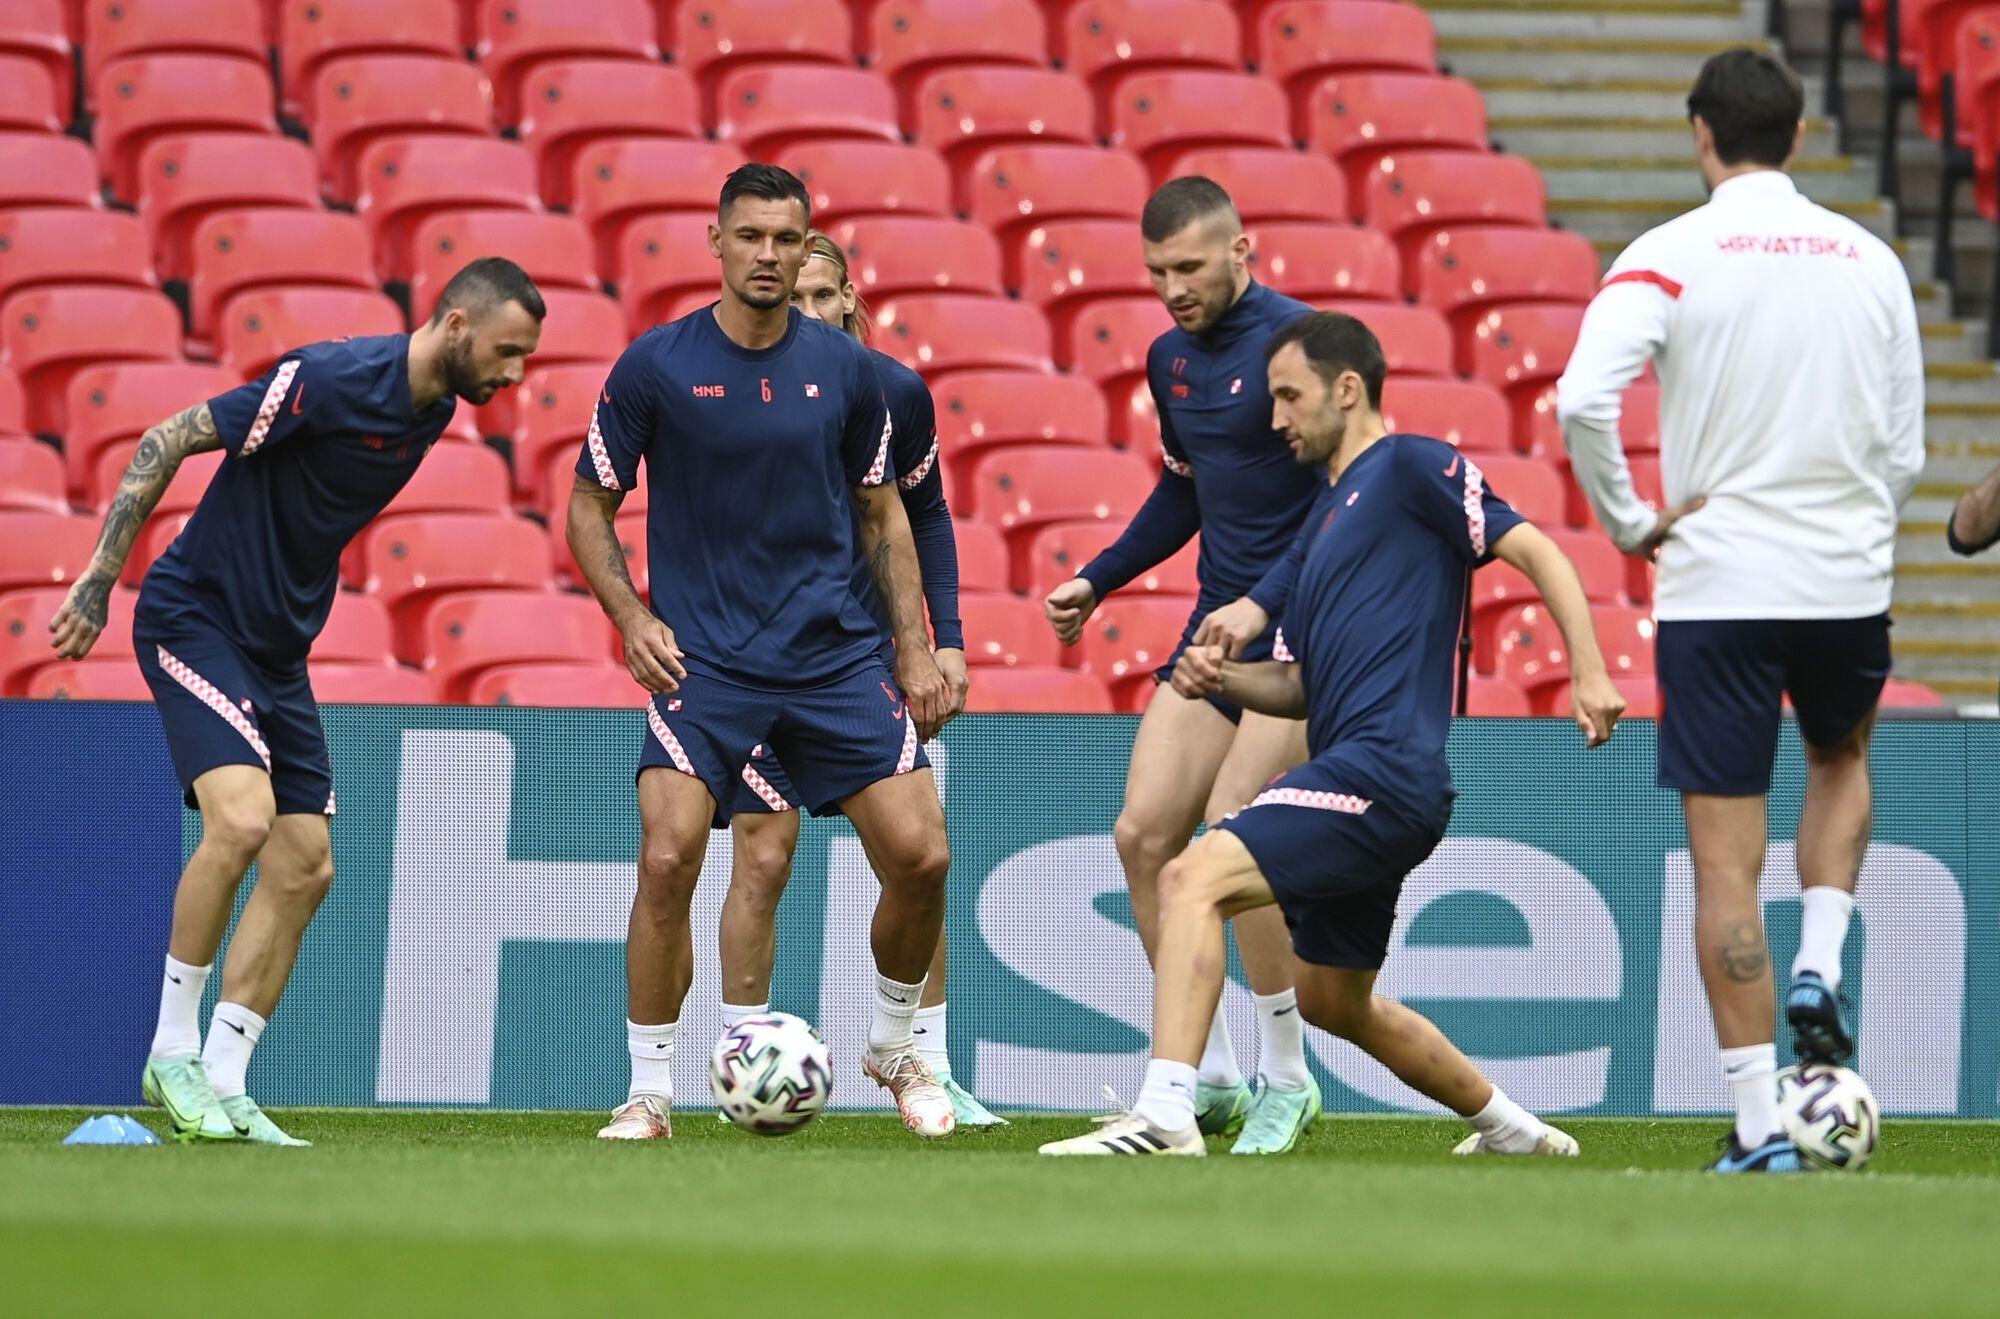 Хорвати провели останнє тренування перед грою з англійцями.